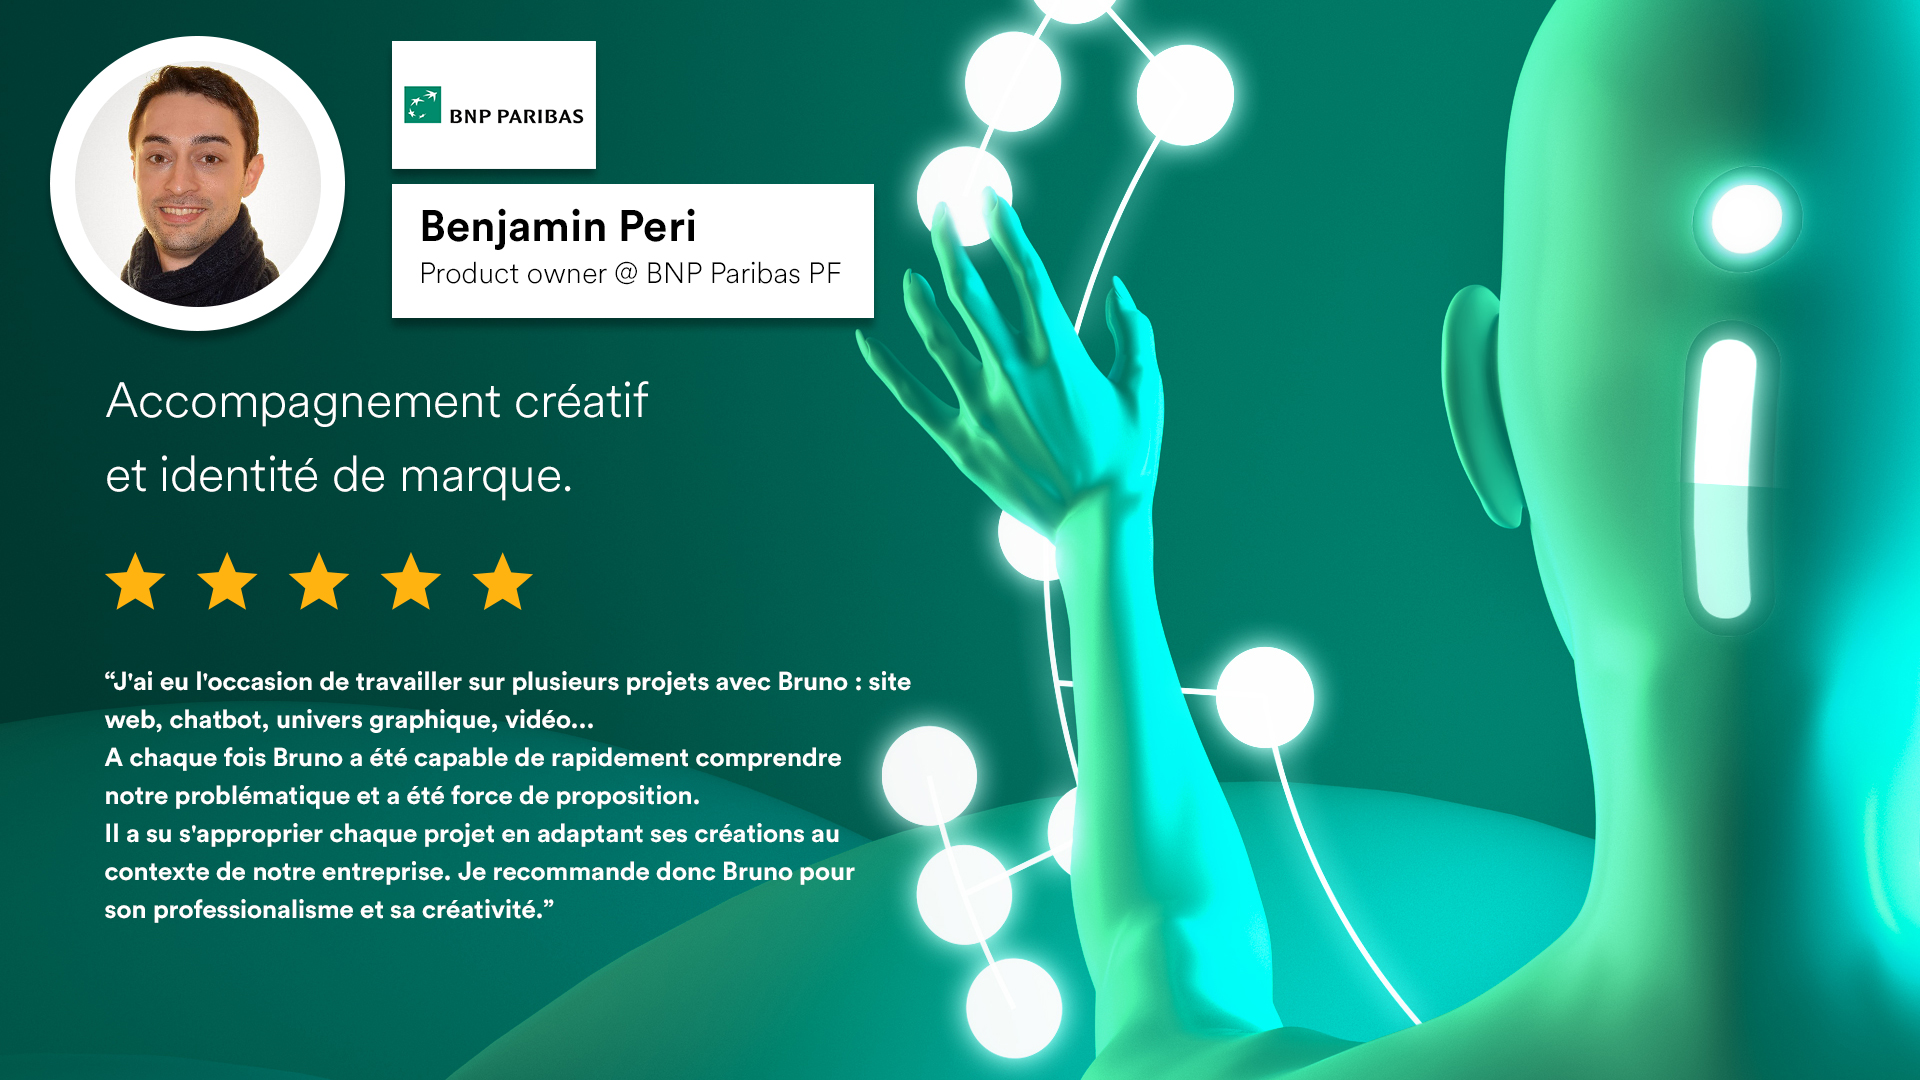 Benjamin-Peri-BNP-Paribas-PF